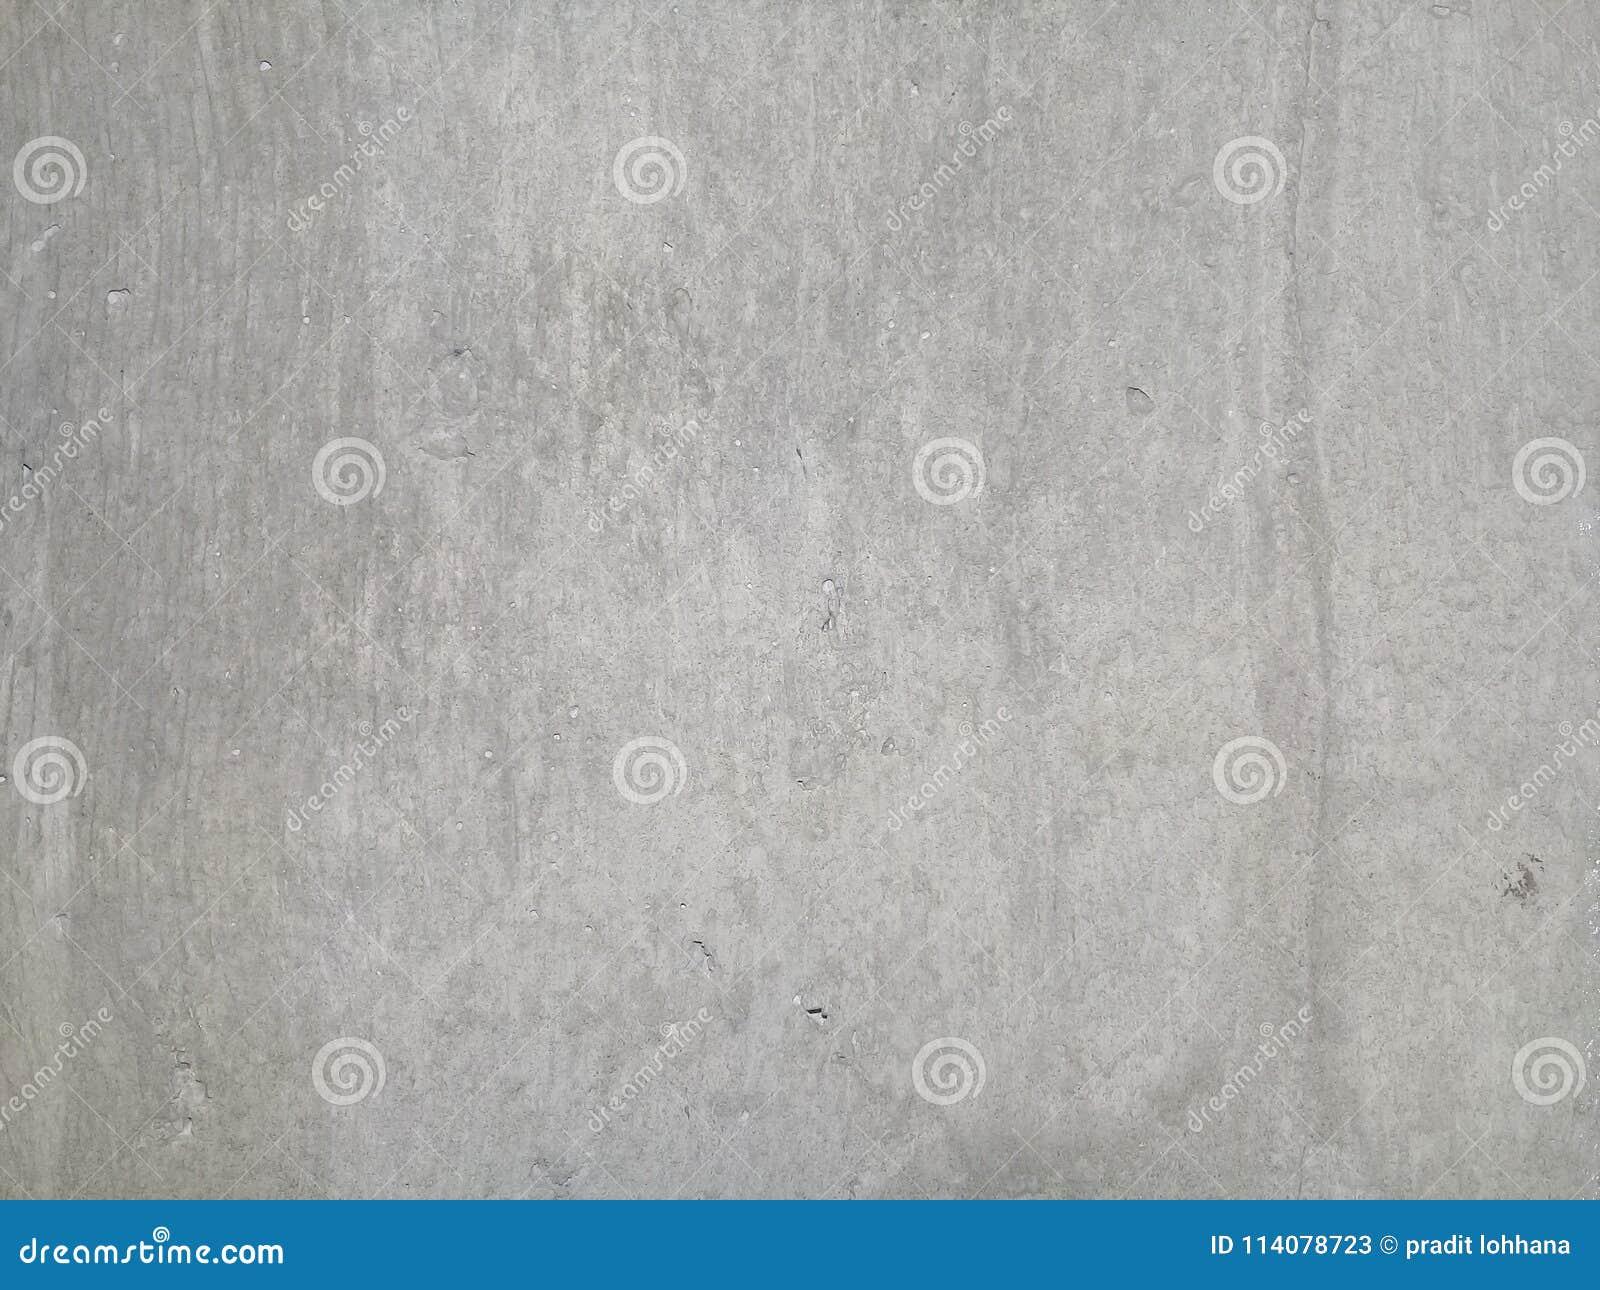 Cementowy stary czarny i biały kolor podłoga ściany tło